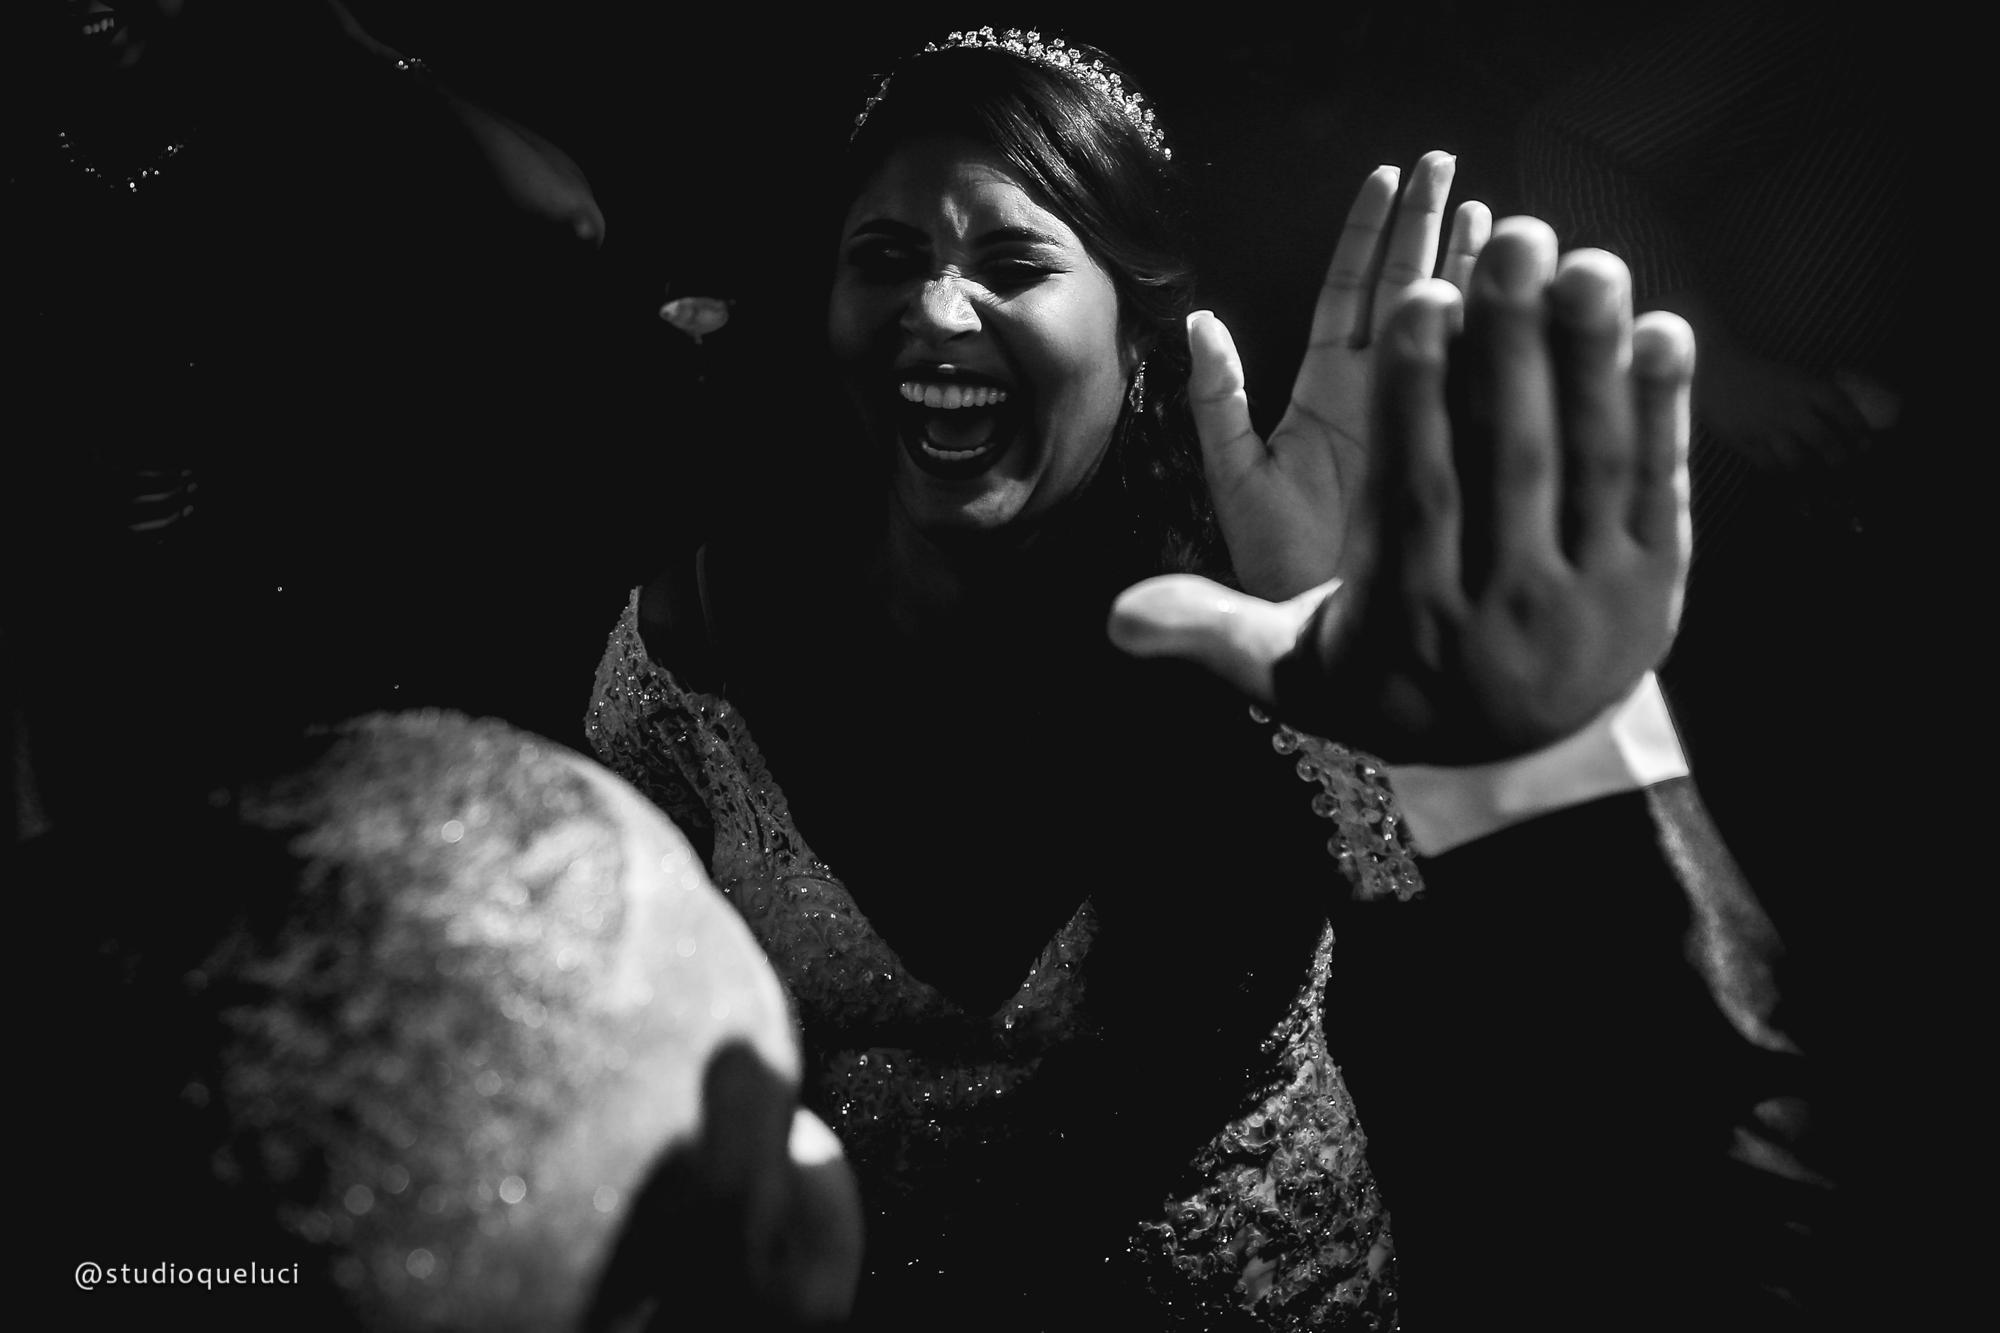 fotografo de Casamento (85)